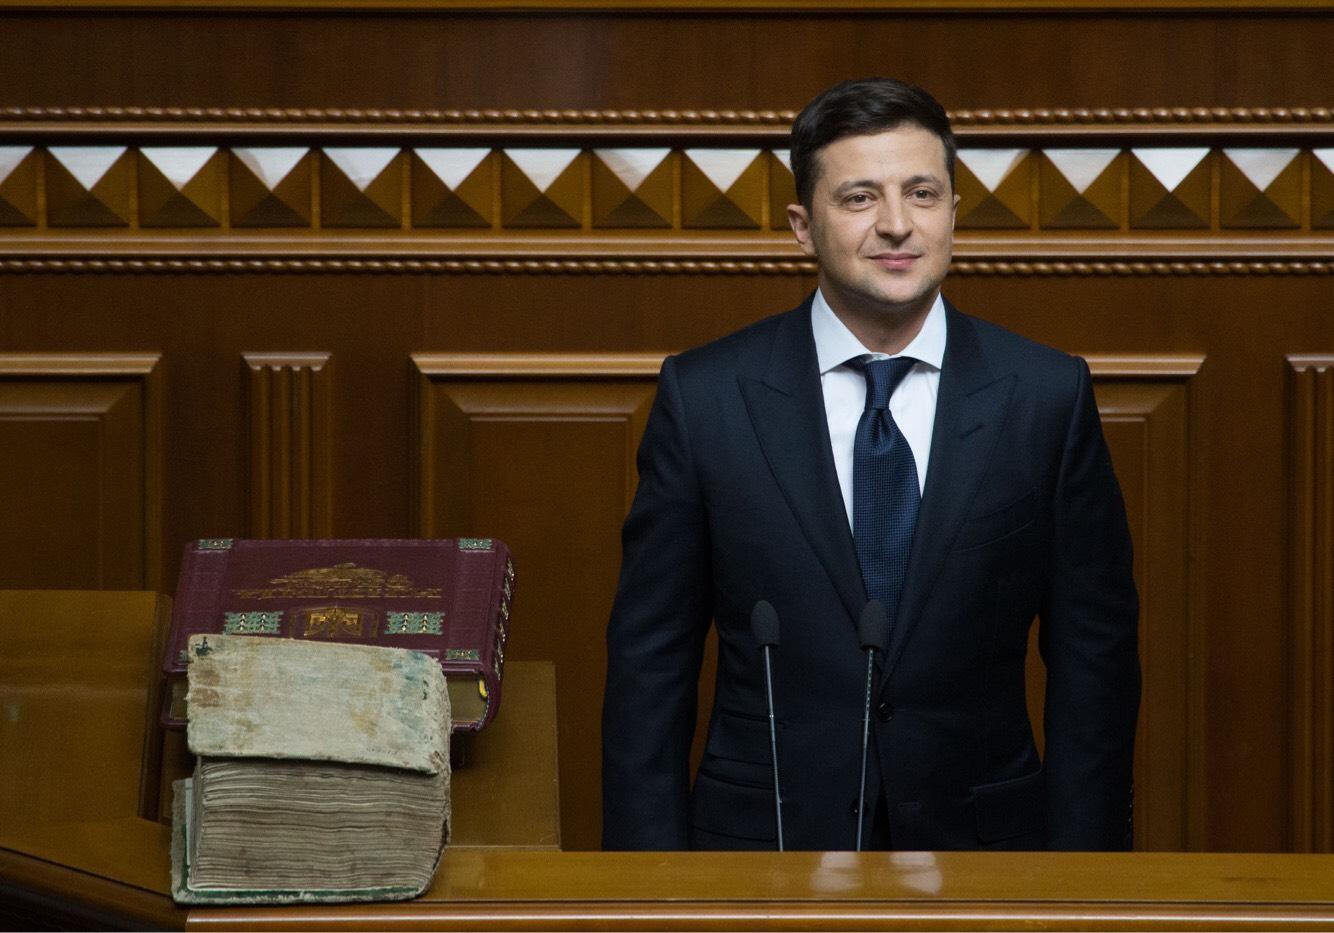 Prezydent Ukrainy chce stworzyć rejestr oligarchów